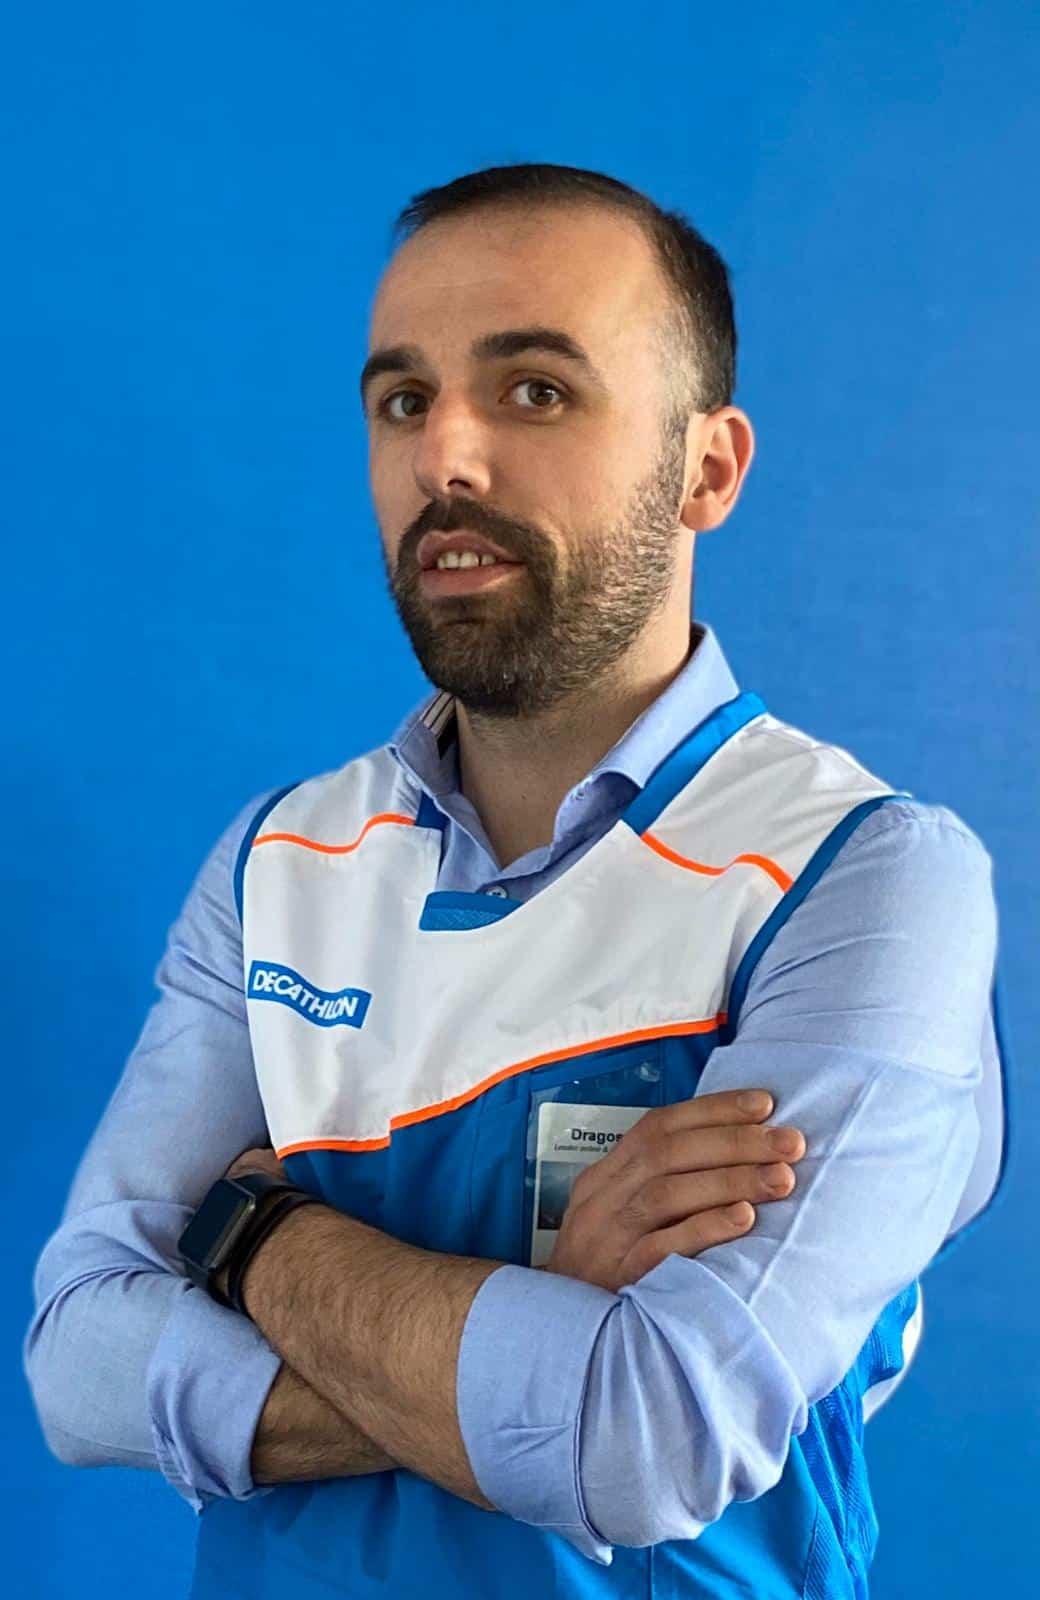 Dragos Brinza